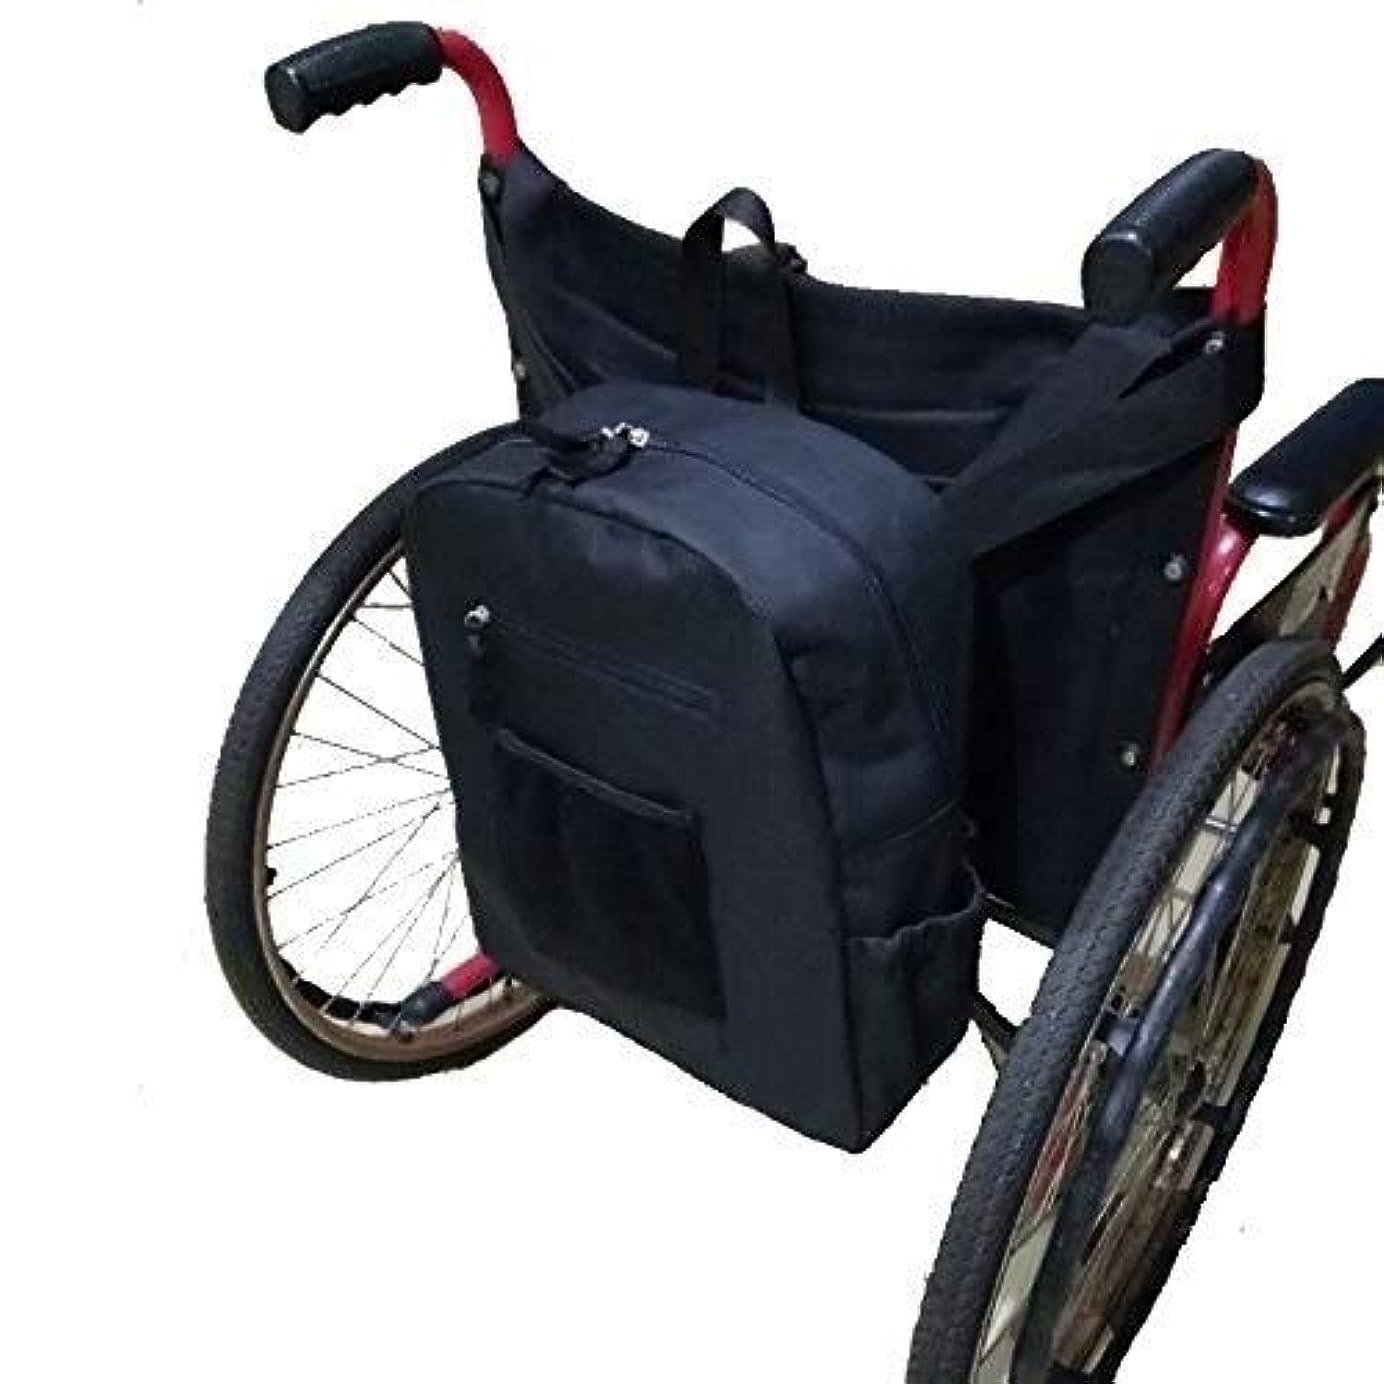 うなずく扱う症候群車椅子用バッグ、丈夫なオックスフォードの布製の椅子用バッグ車椅子用リュックサックバッグ、高齢者用?身体障害者用 - ほとんどの車椅子用